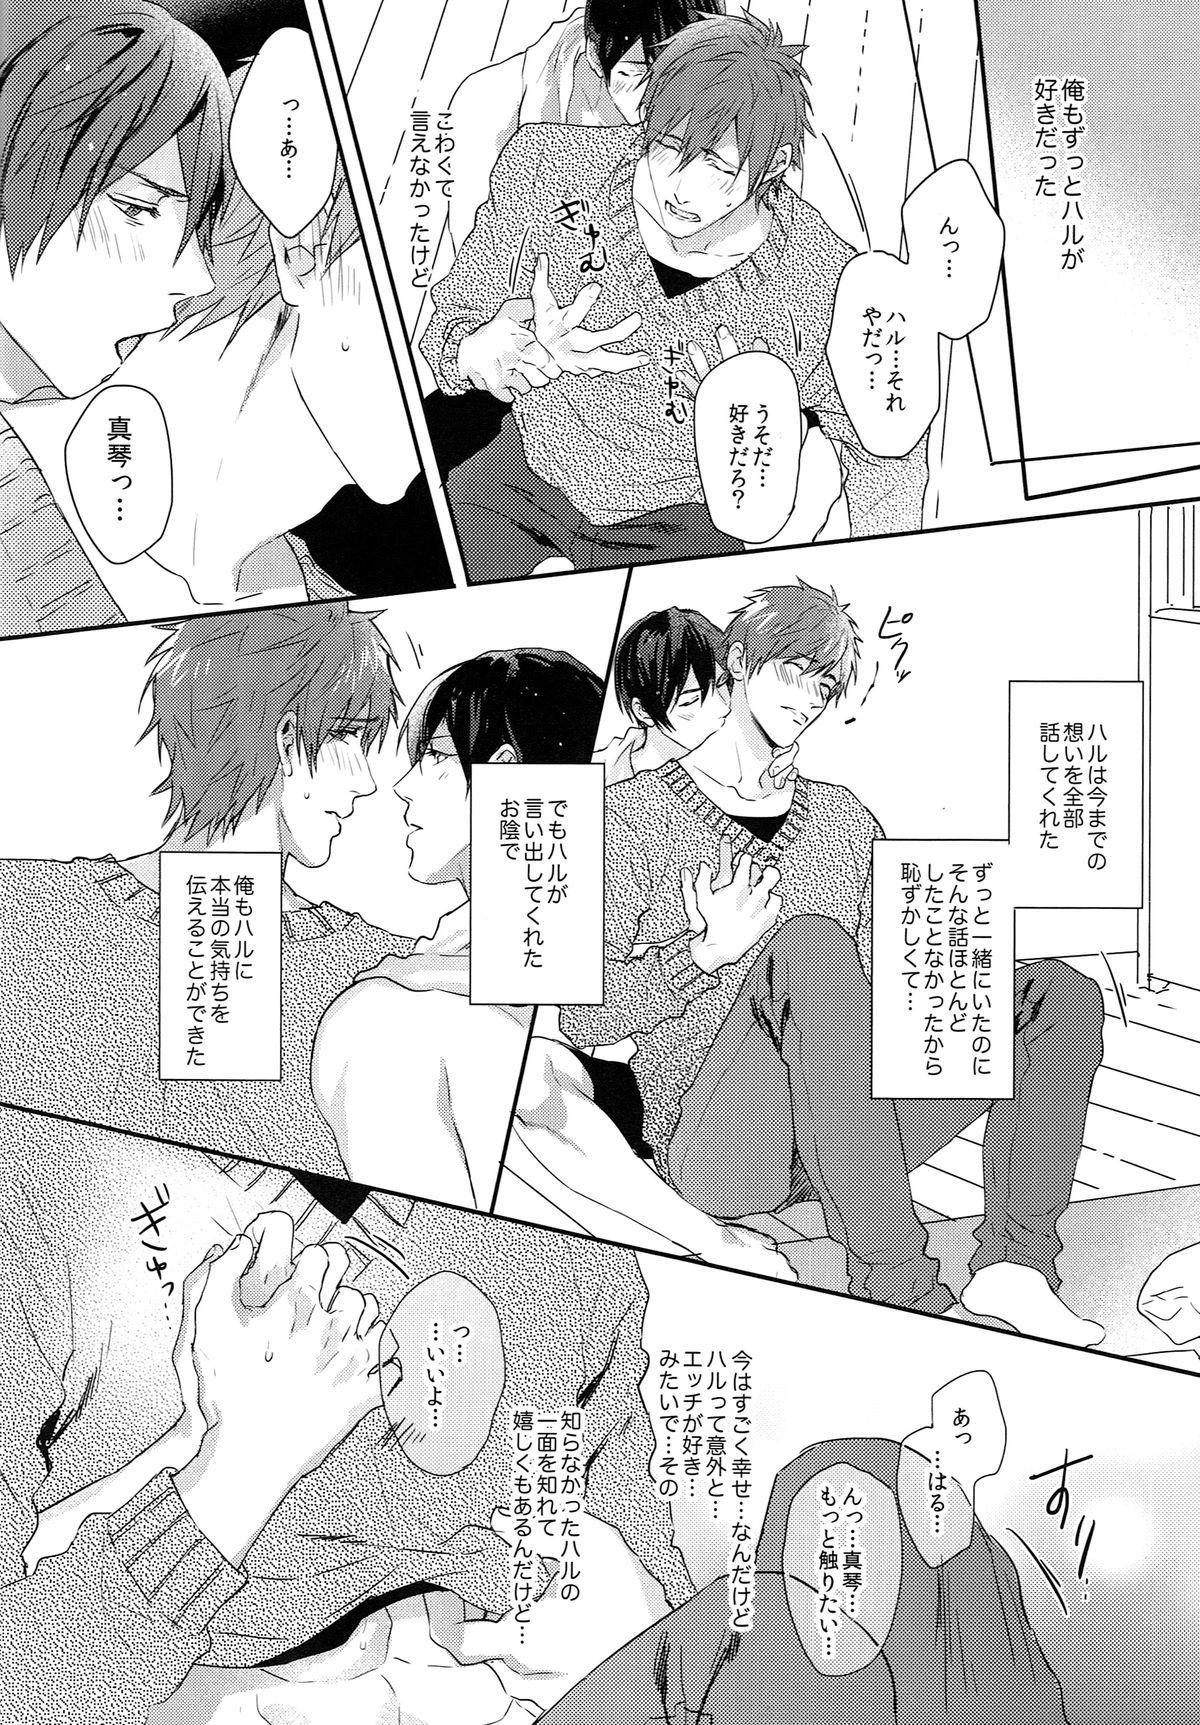 Yoru wa Oshizuka ni 6